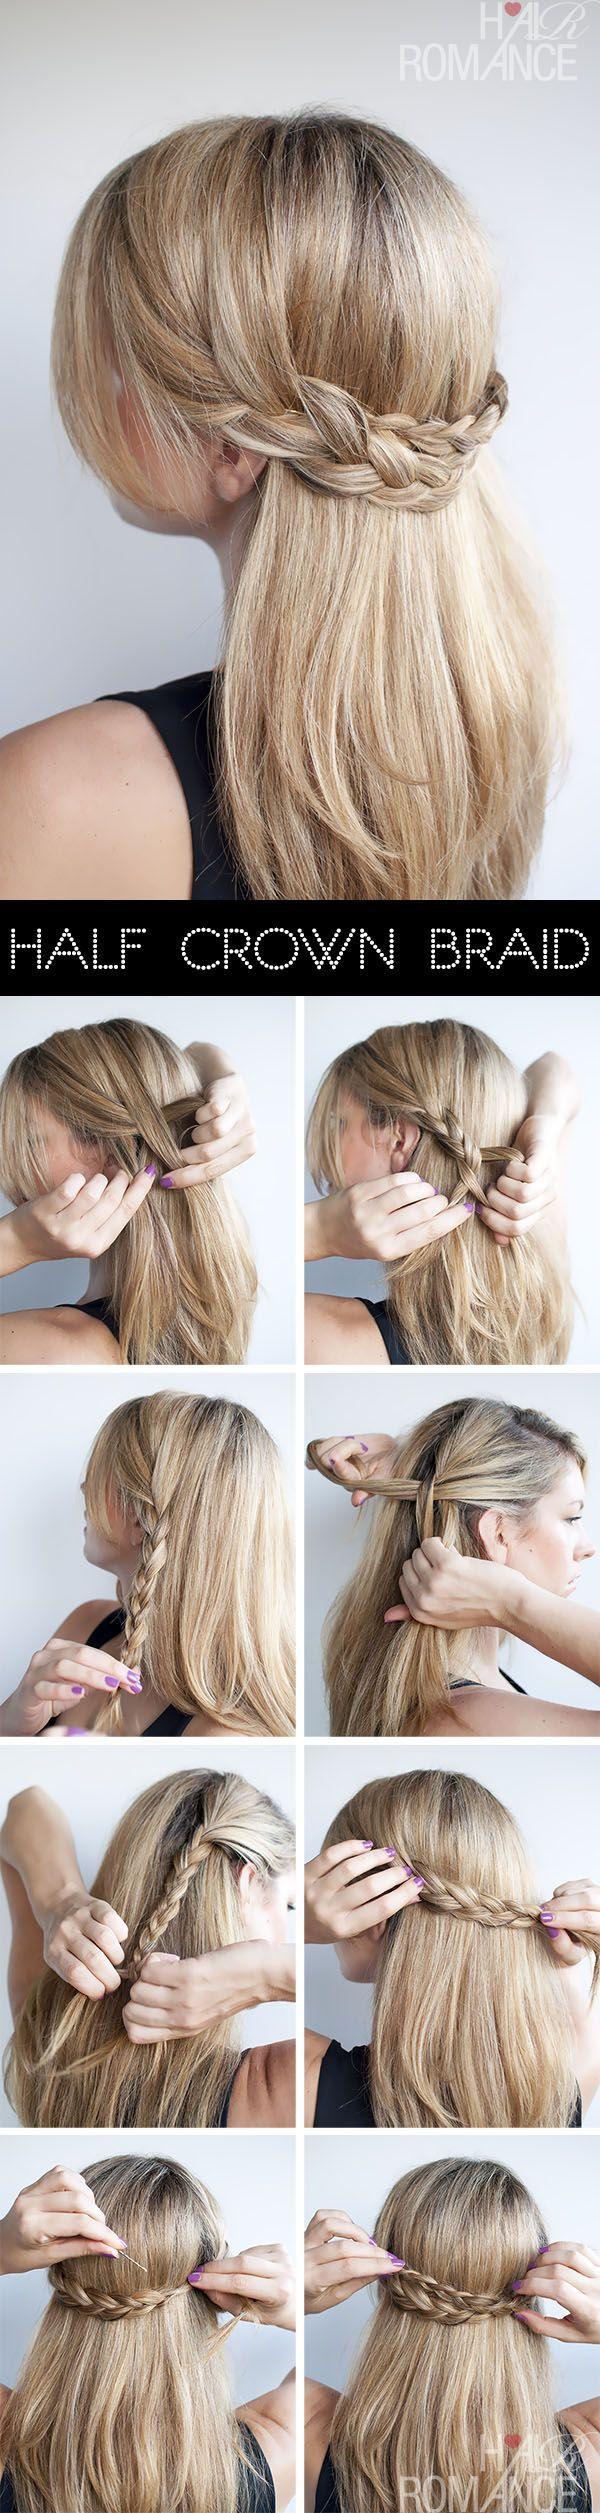 | ClioMakeUp Blog / Tutto su Trucco, Bellezza e Makeup ;) » Look per l'ufficio parte II: hairstyle